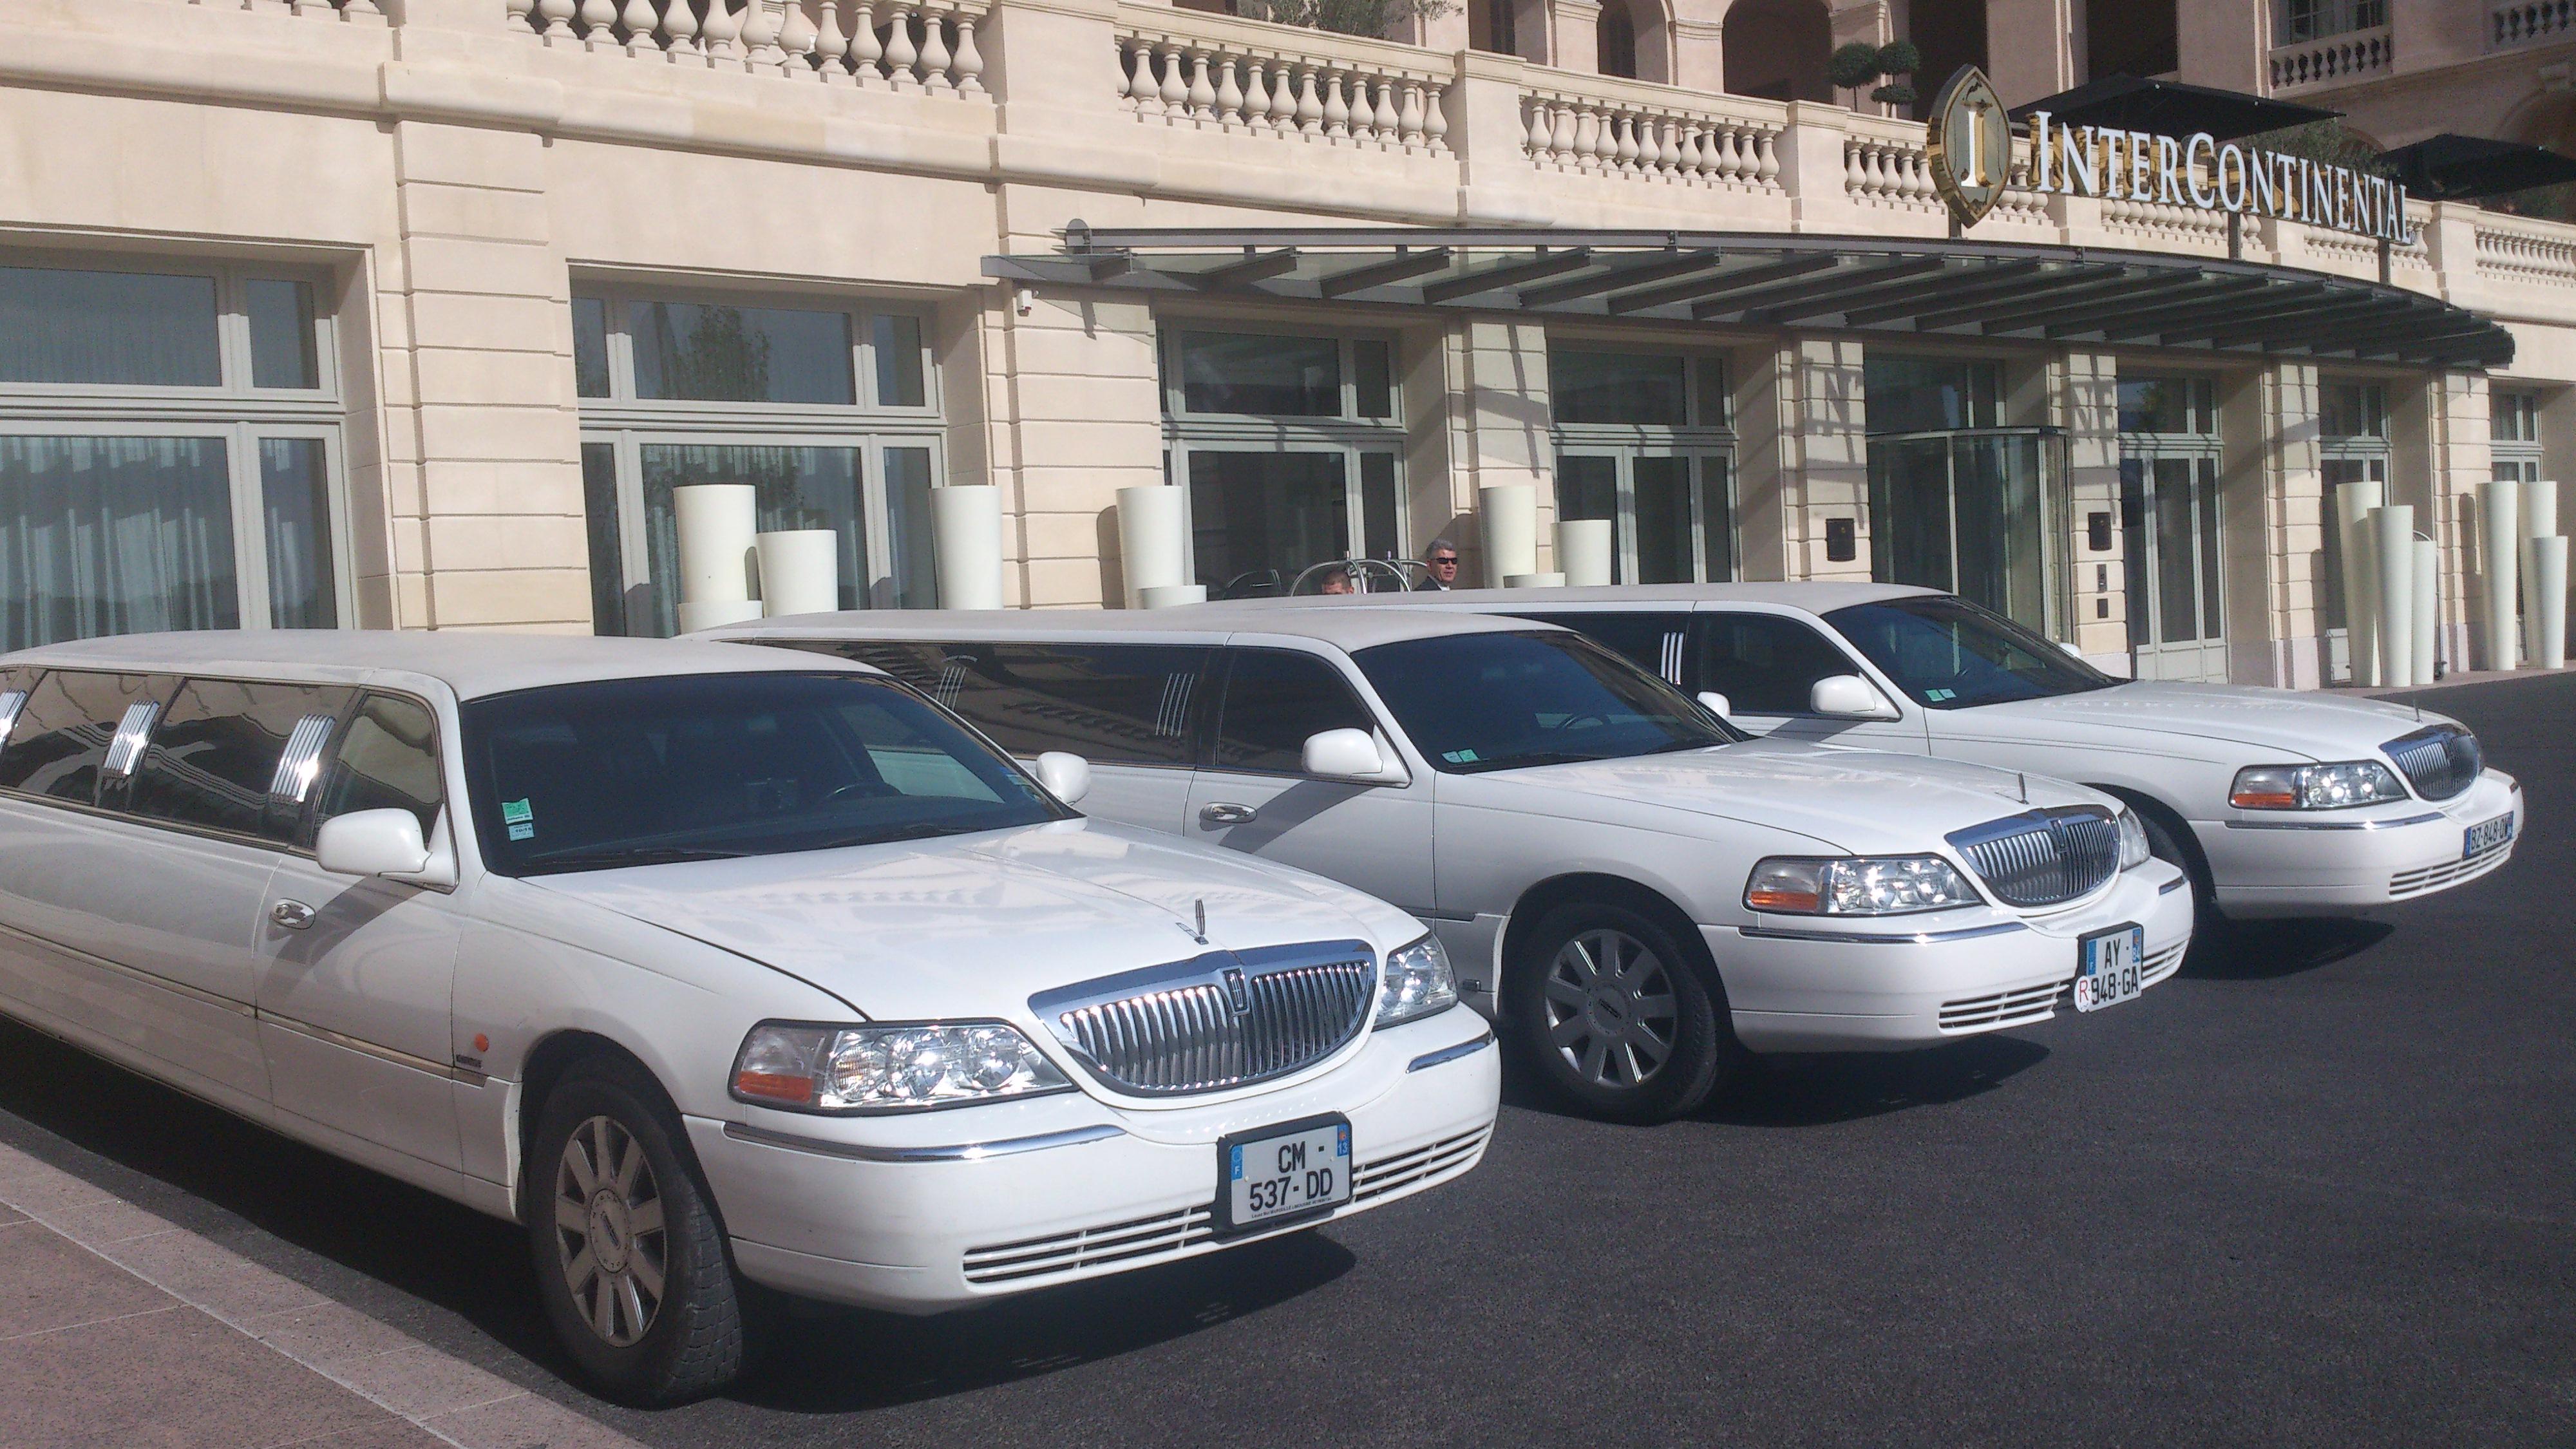 limousine location avec chauffeur a marseille pour mariage. Black Bedroom Furniture Sets. Home Design Ideas